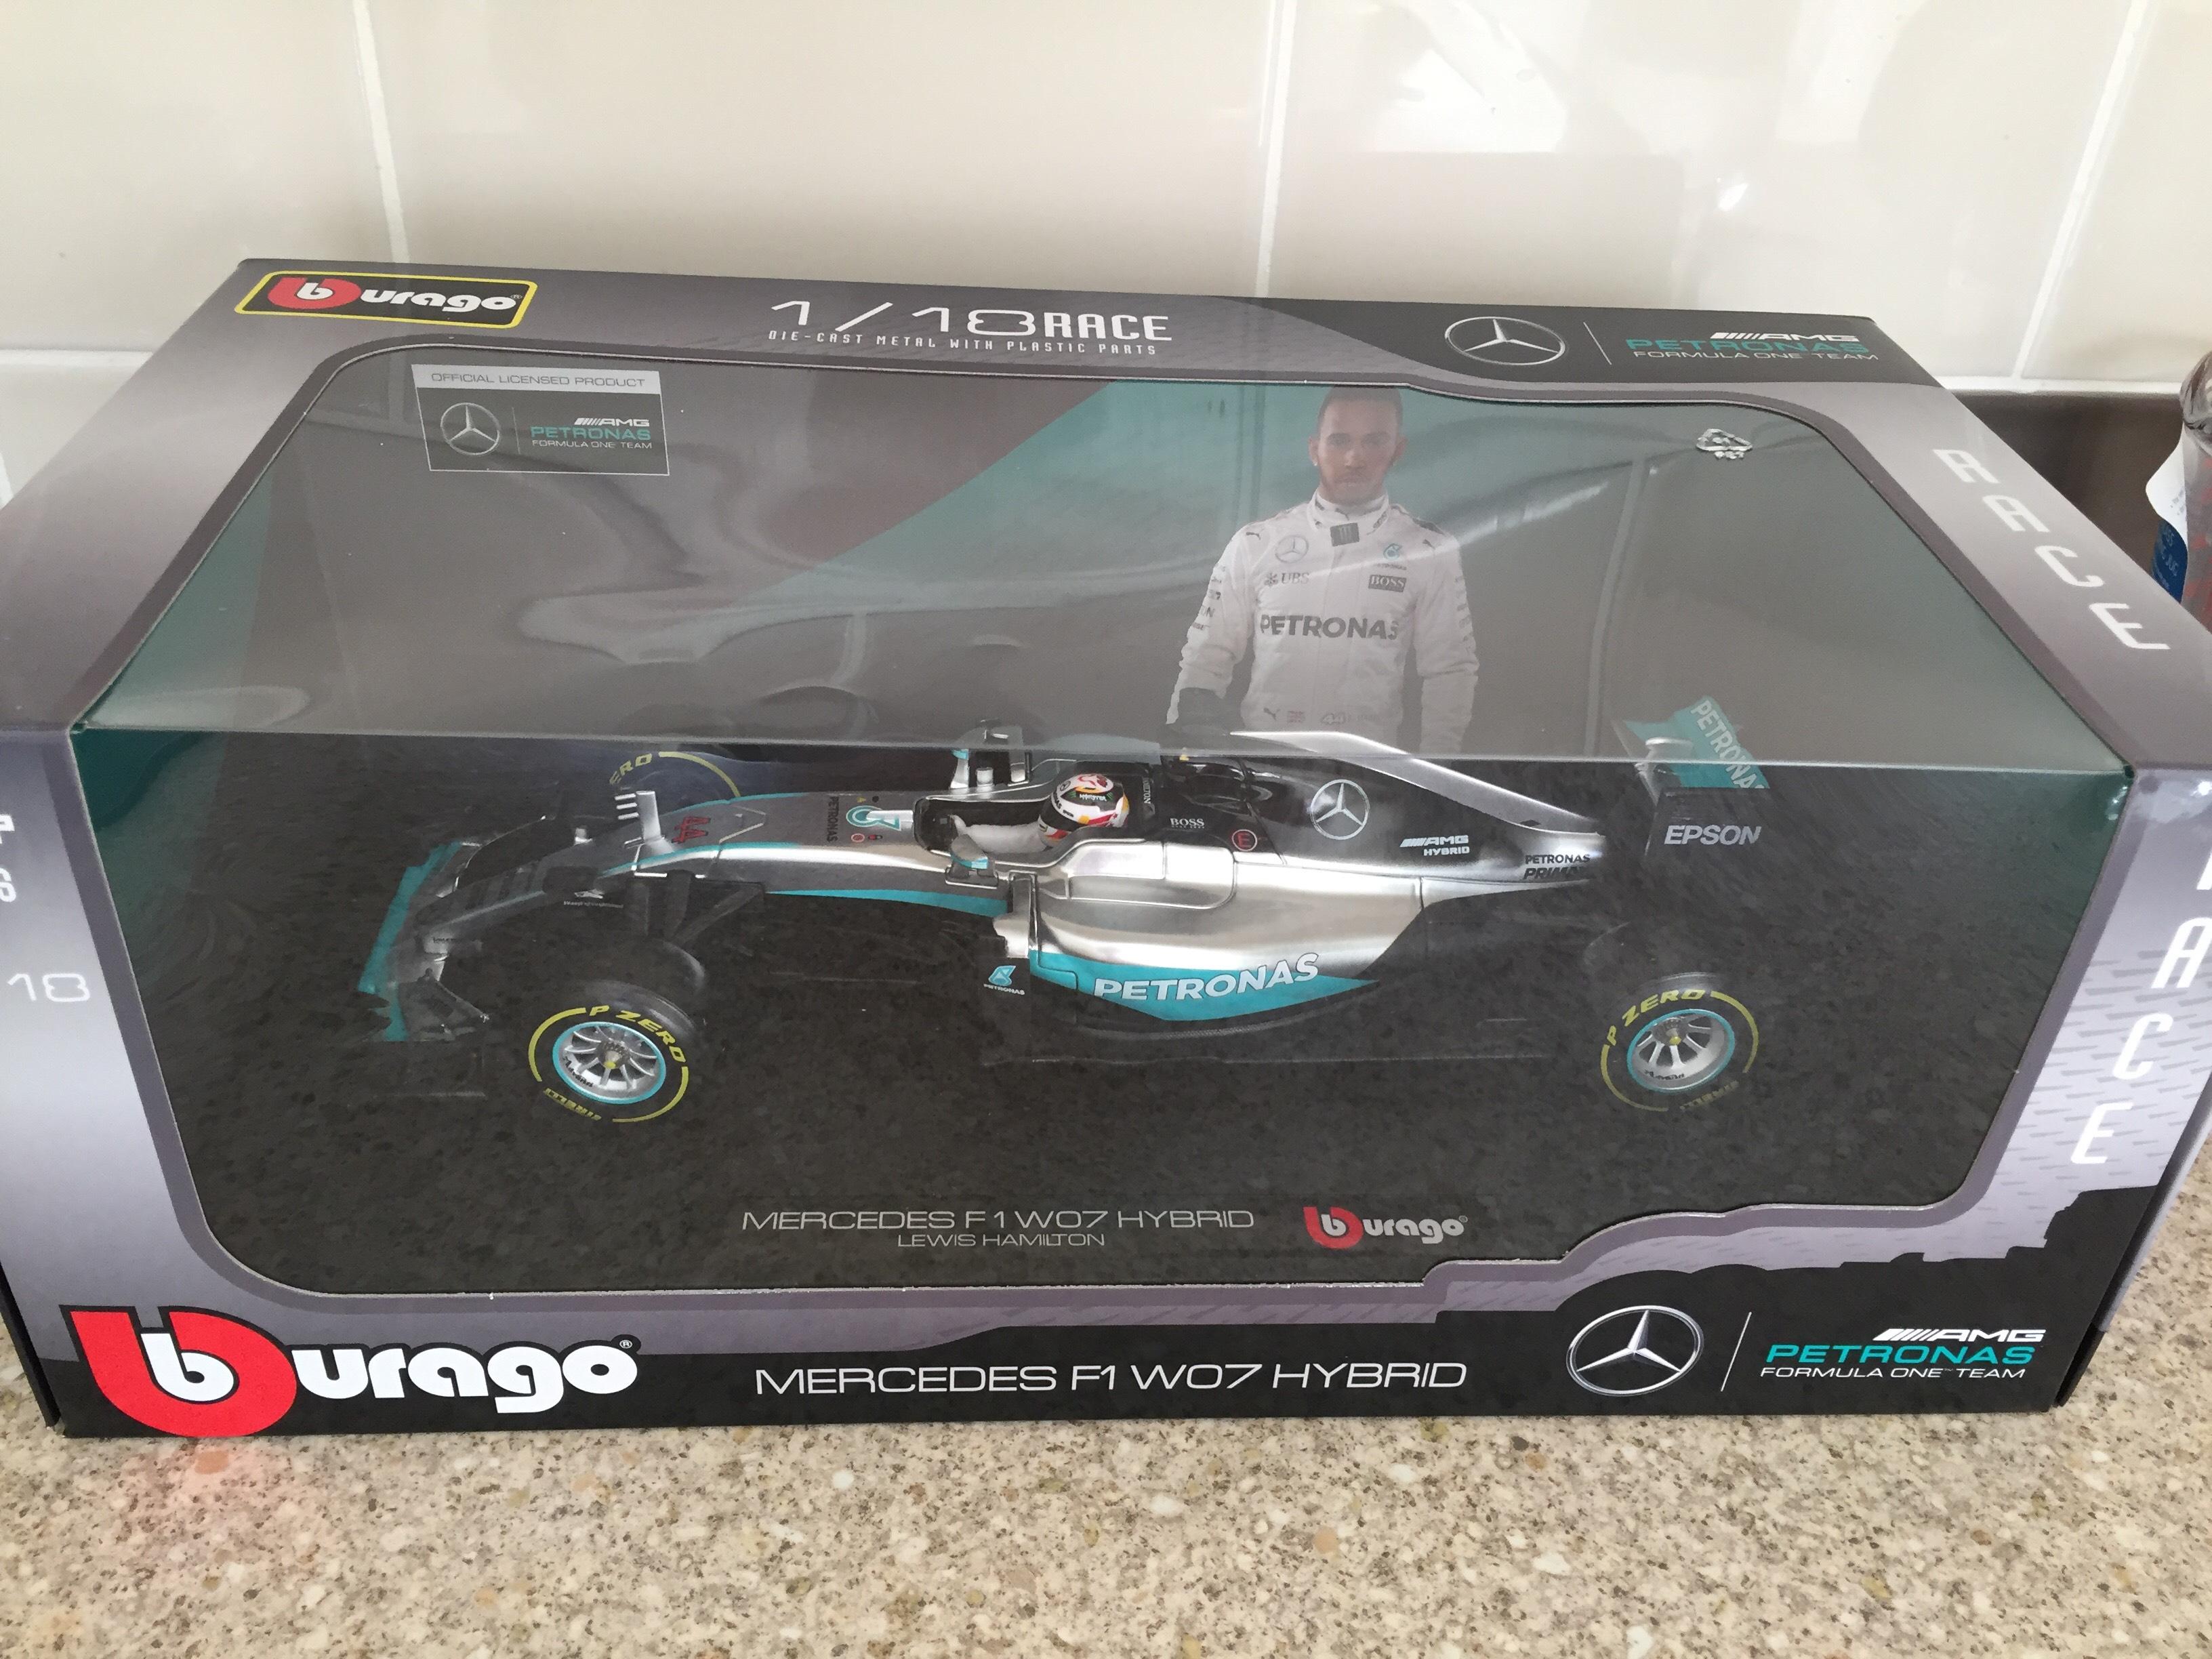 Lewis Hamilton 1:18 2016 F1 W07 Mercedes Burago £19.99 instore @ Hawkins Bazaar